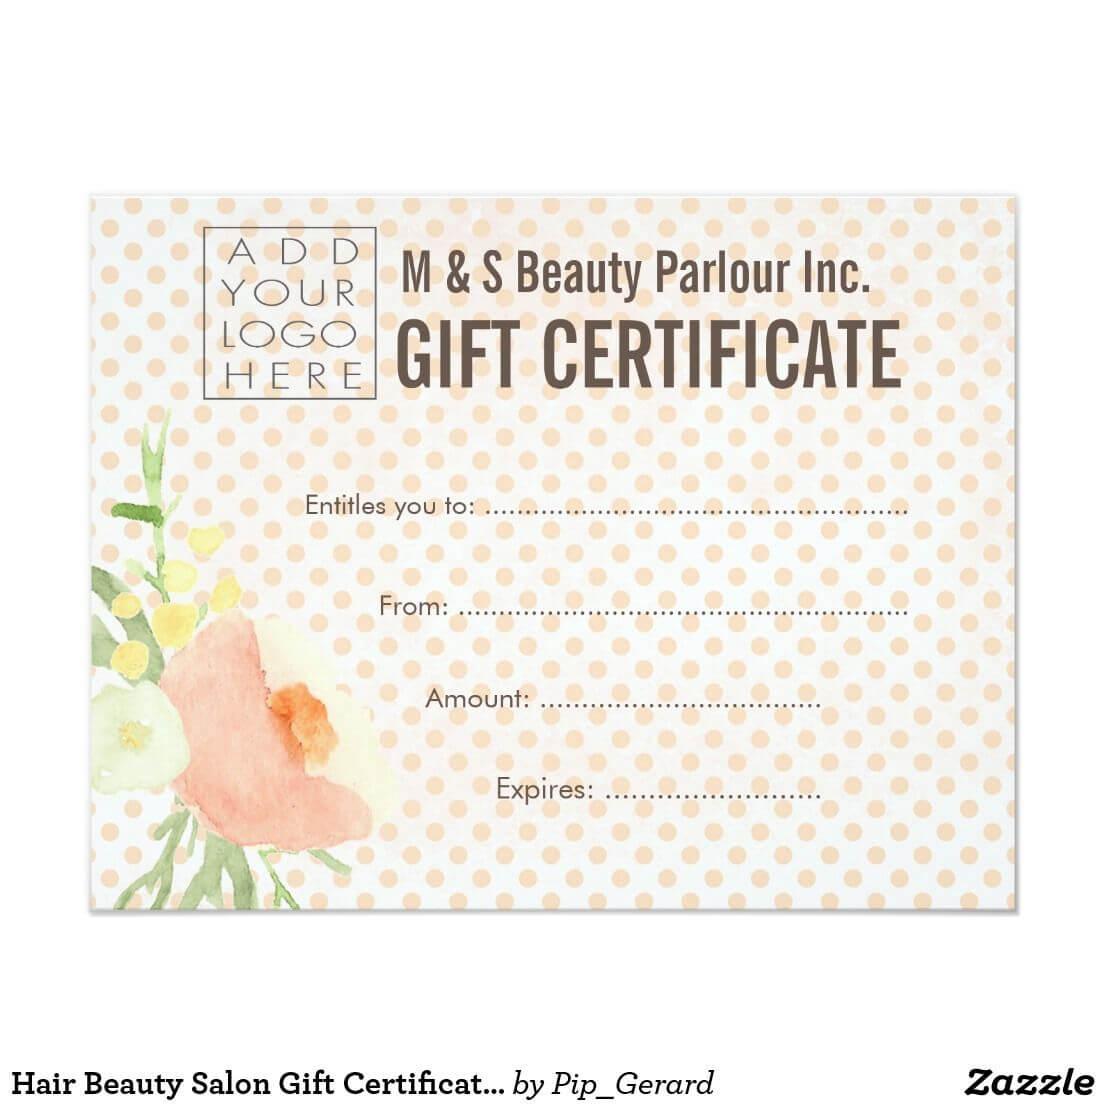 Hair Beauty Salon Gift Certificate Template   Zazzle Regarding Salon Gift Certificate Template